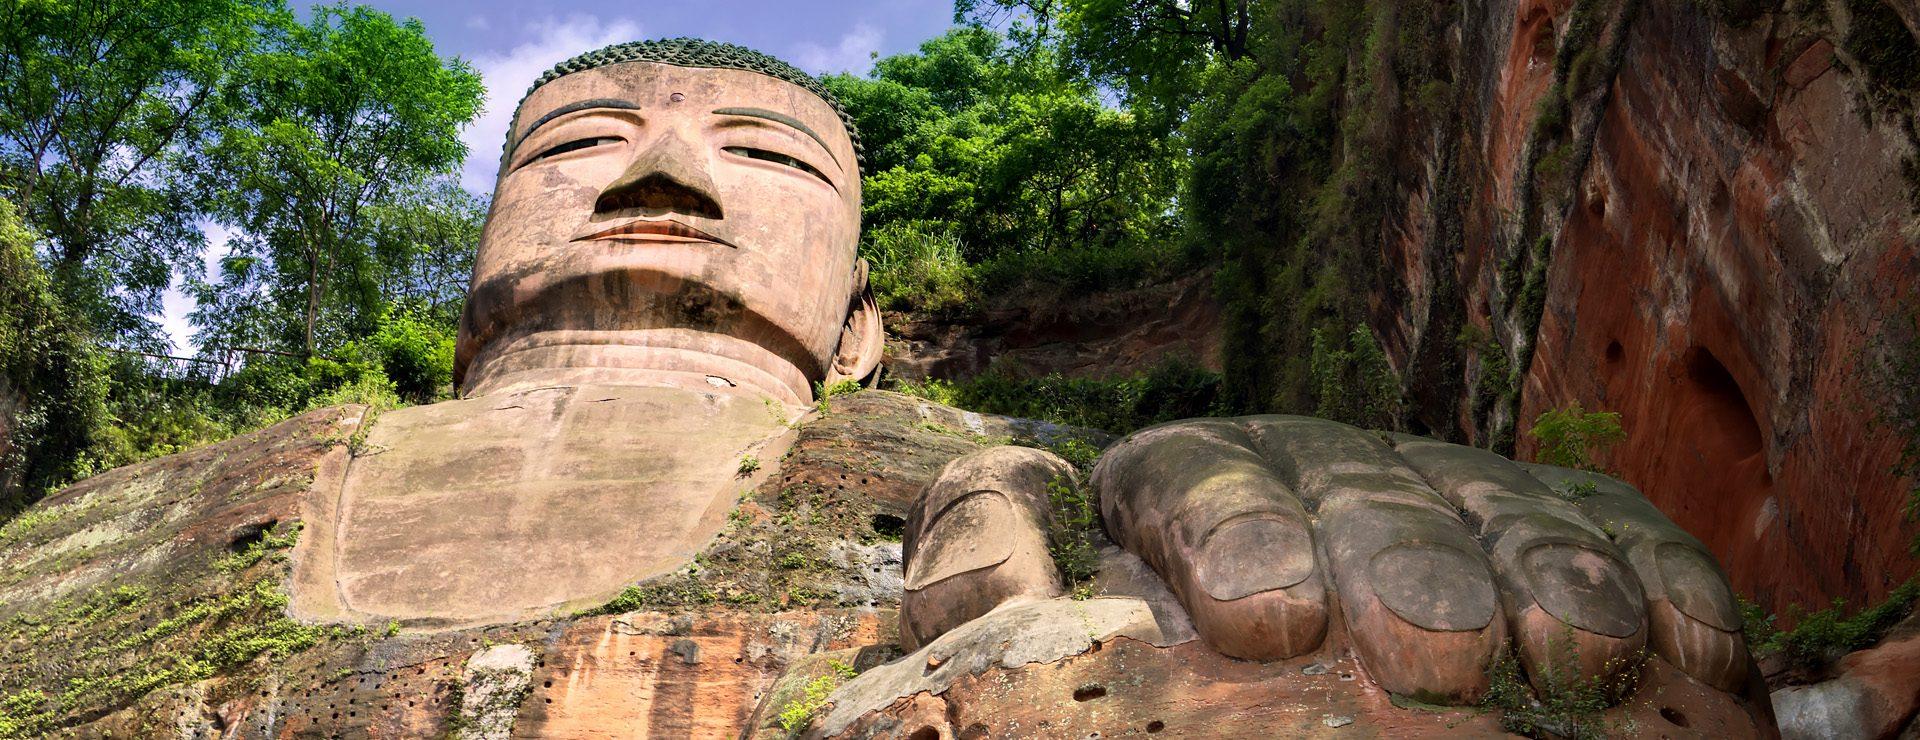 Stora buddhan i Leshan